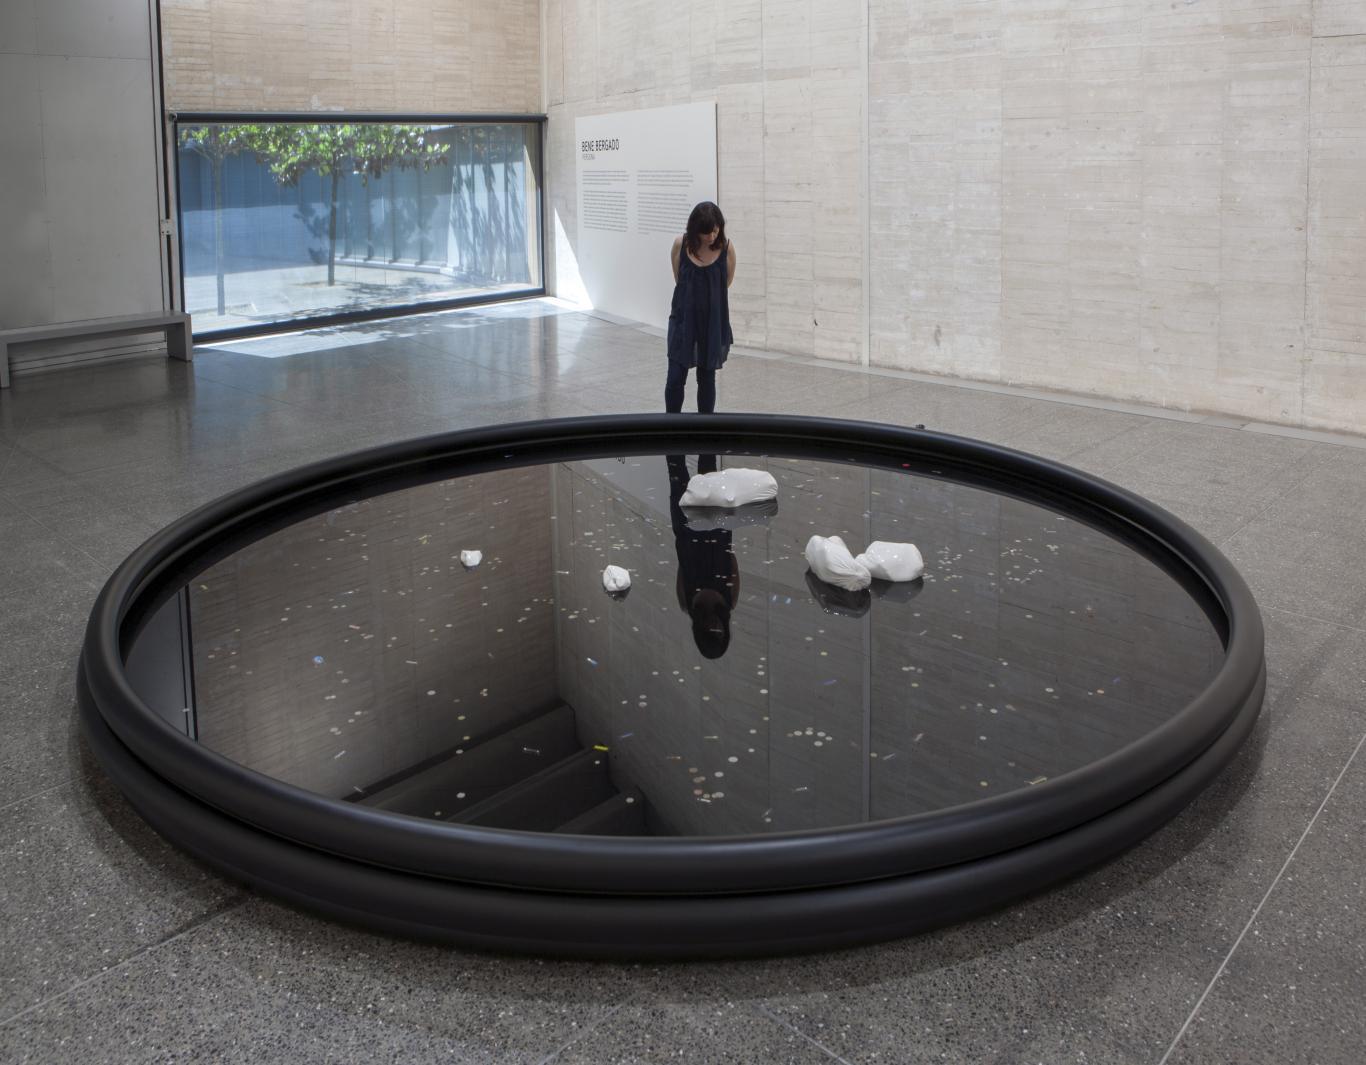 Mujer mirando una instalación de una piscina hinchable negra en el suelo, con agua y unos patos de cerámica